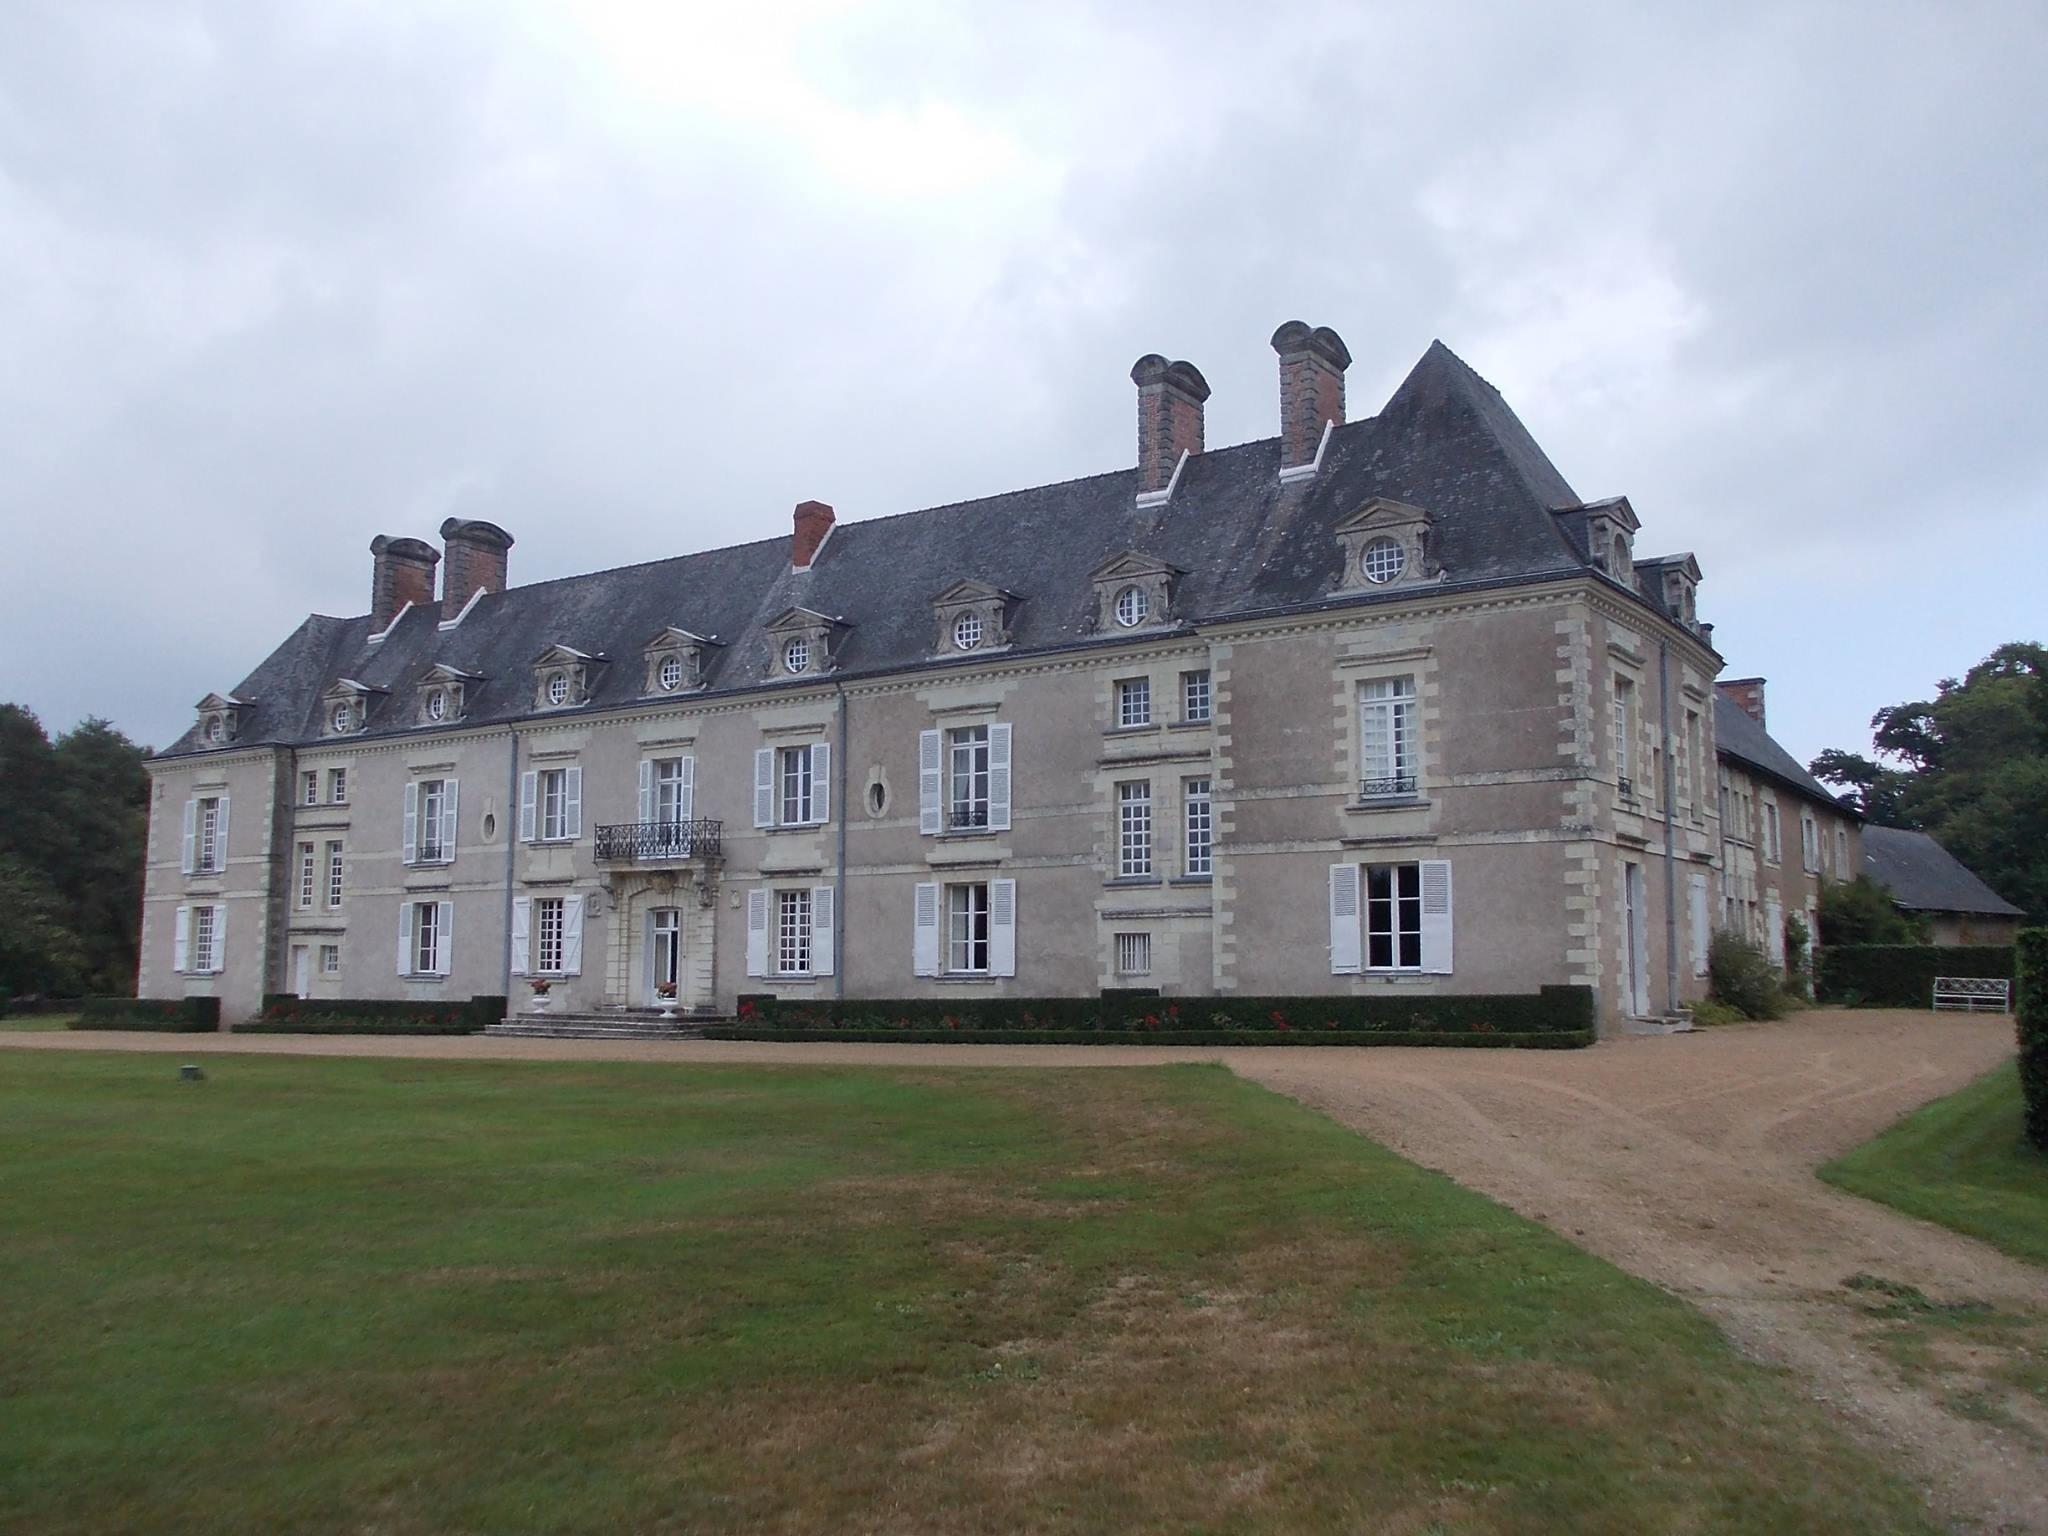 Carquefou, Loire-Atlantique, France